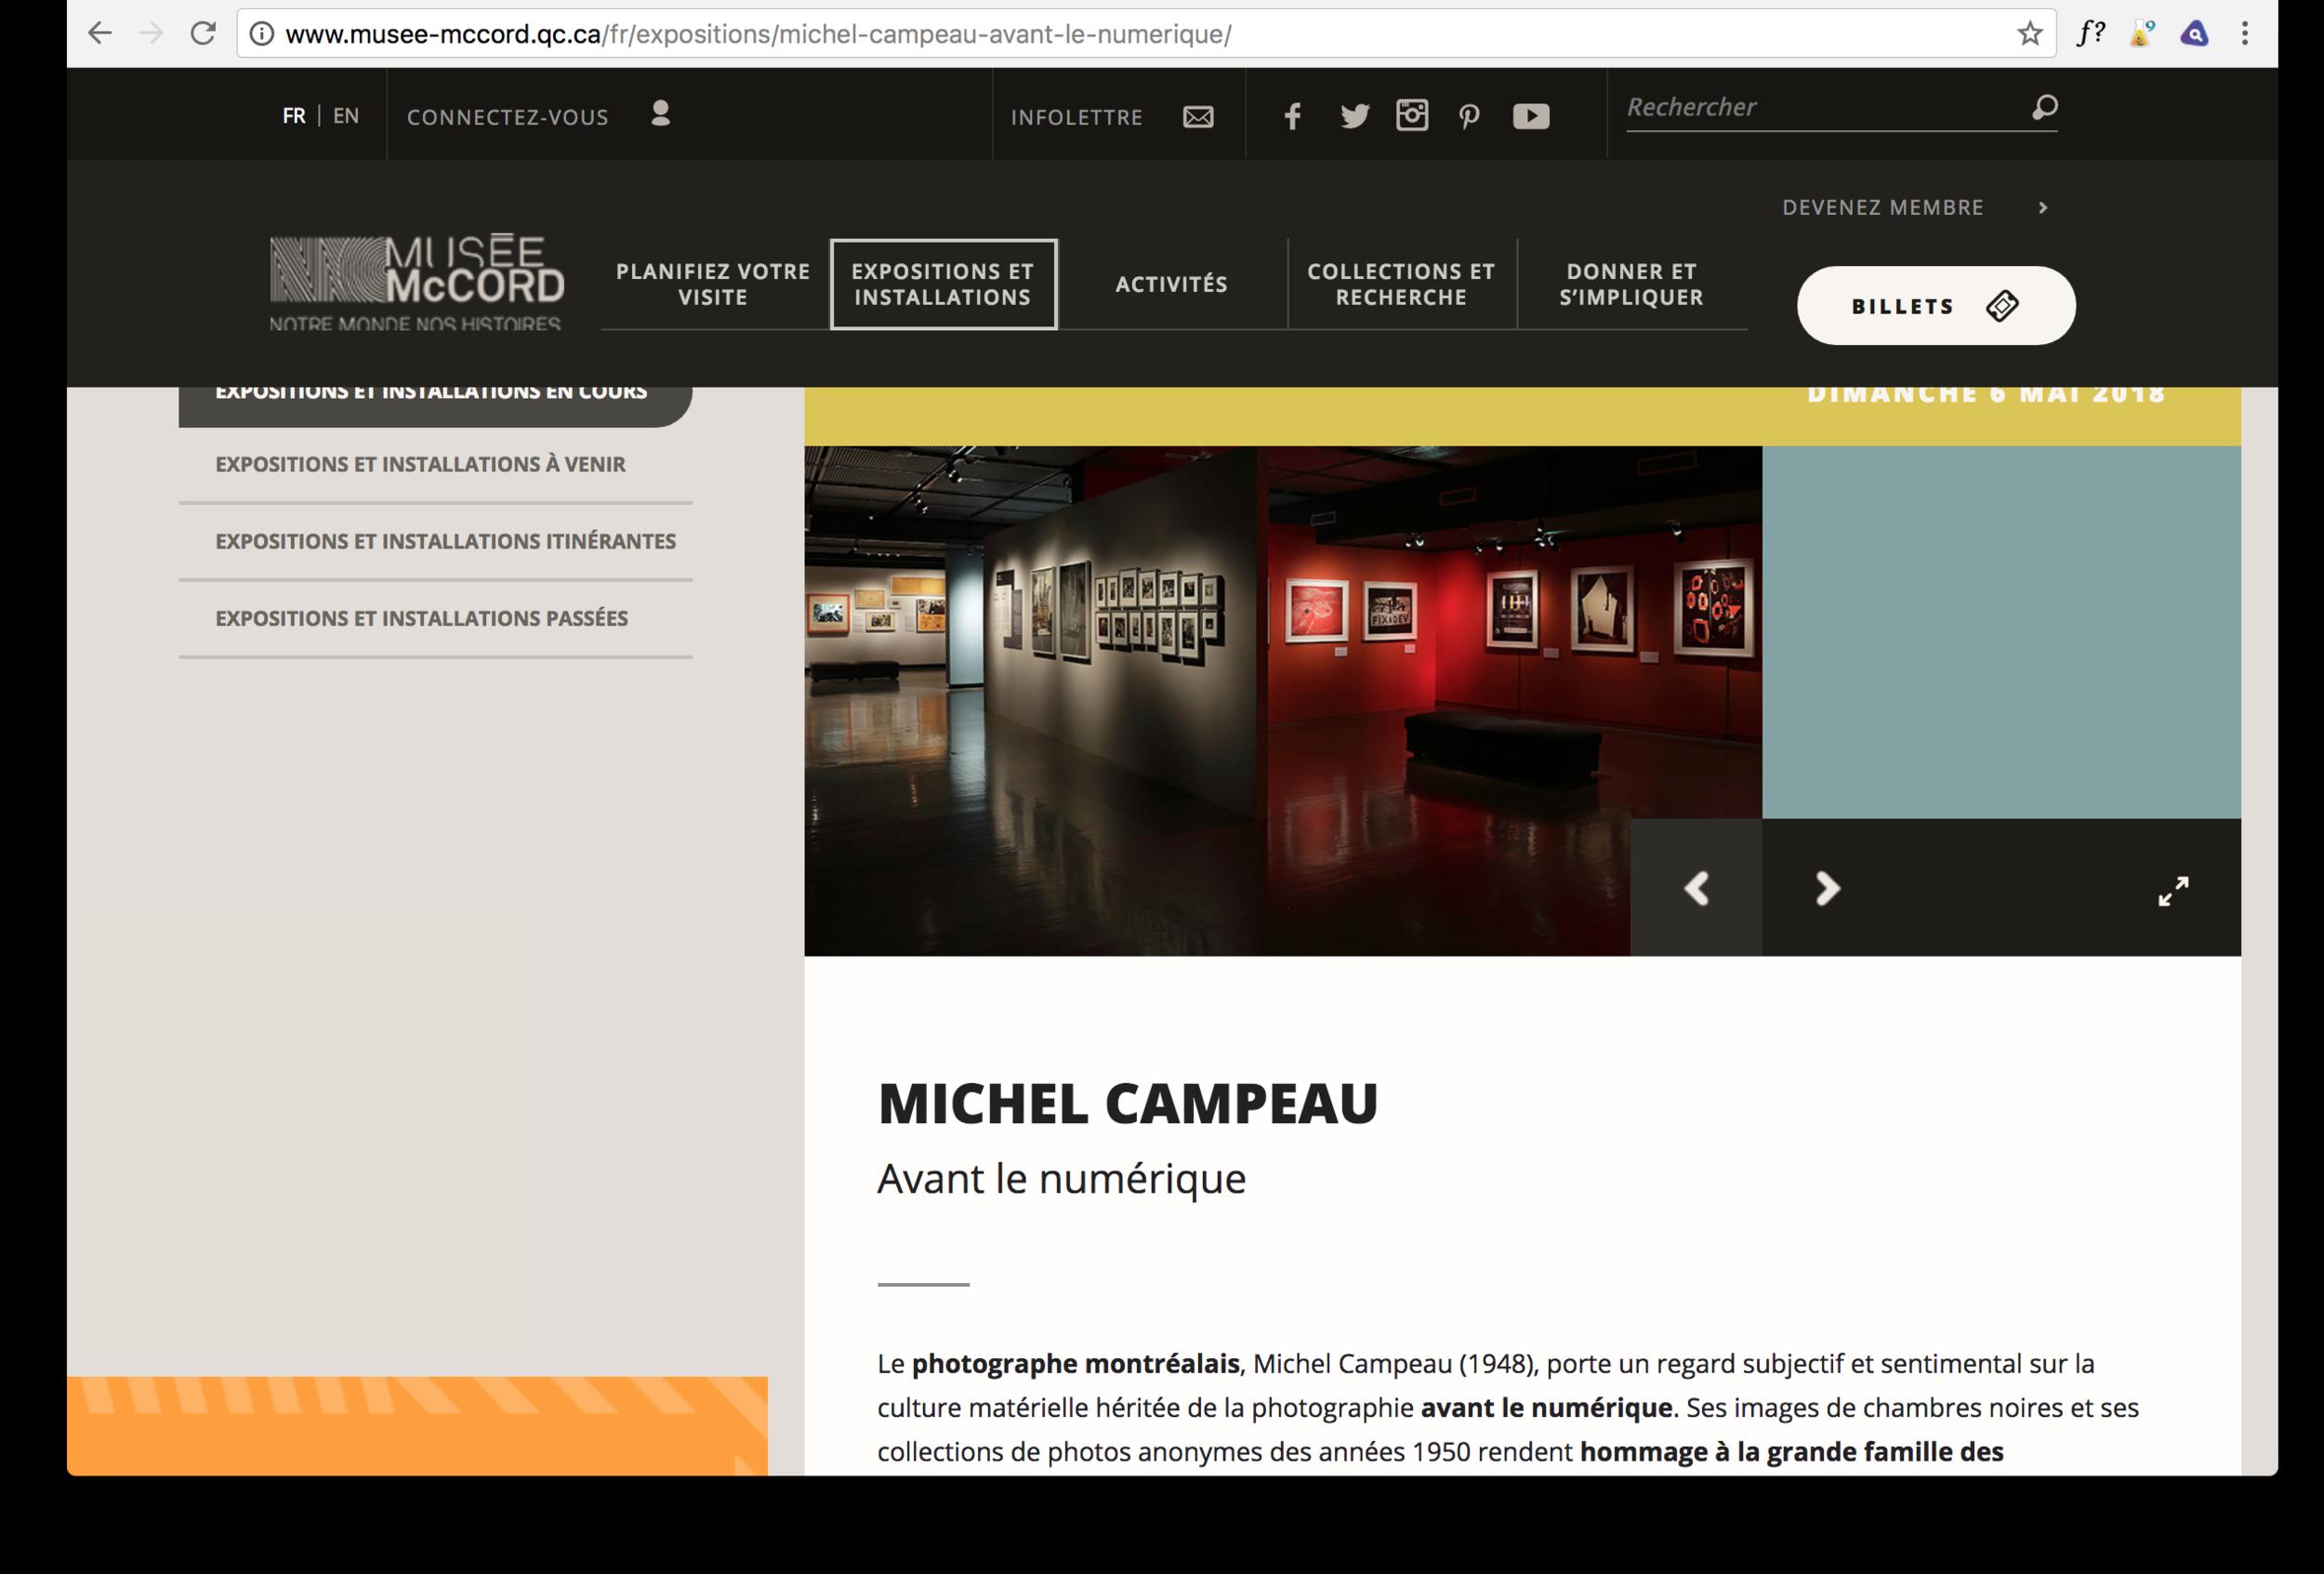 Le site du Musée McCord, Montréal, Québec  www.musee-mccord.qc.ca/fr/expositions/michel-campeau-avant-le-numerique